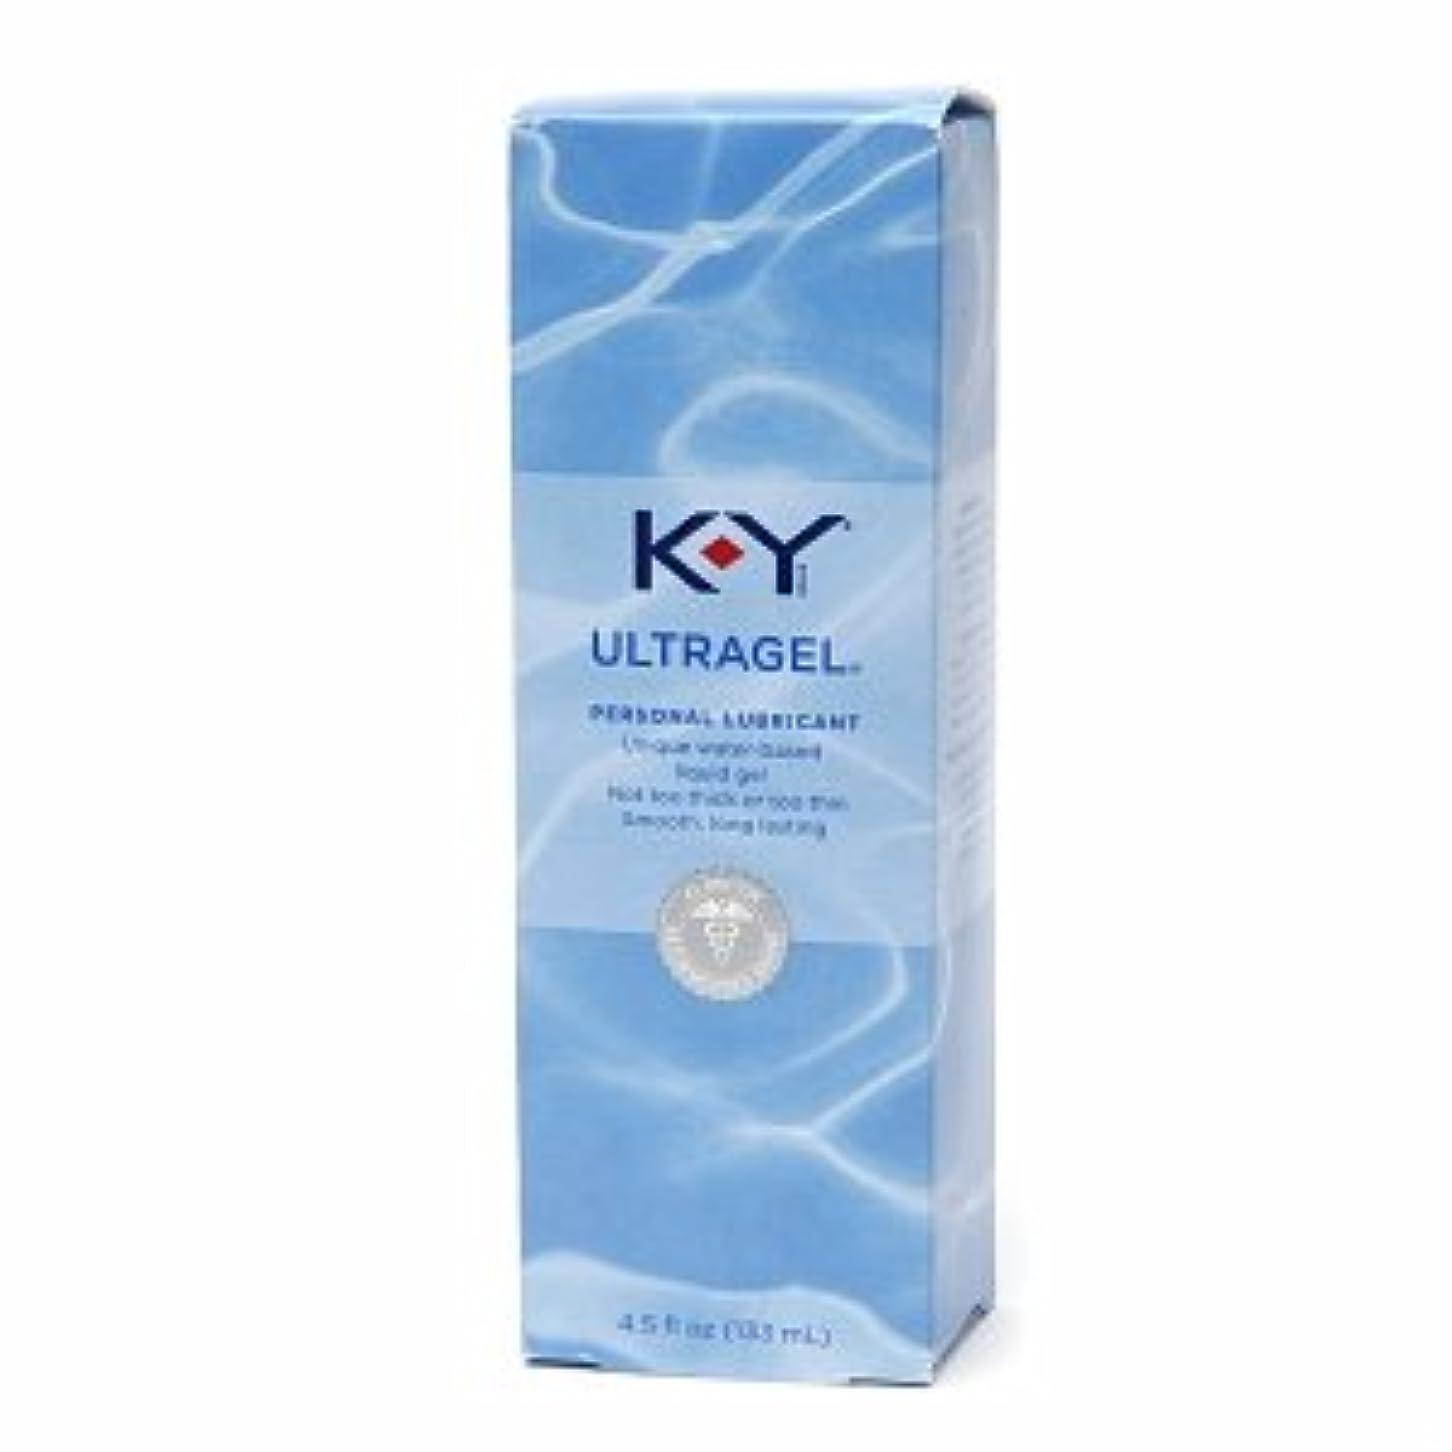 一時解雇するに対応ビバ074 不感症で濡れにくい方へ【高級潤滑剤 KYゼリー】 水溶性の潤滑ジェル42g 海外直送品